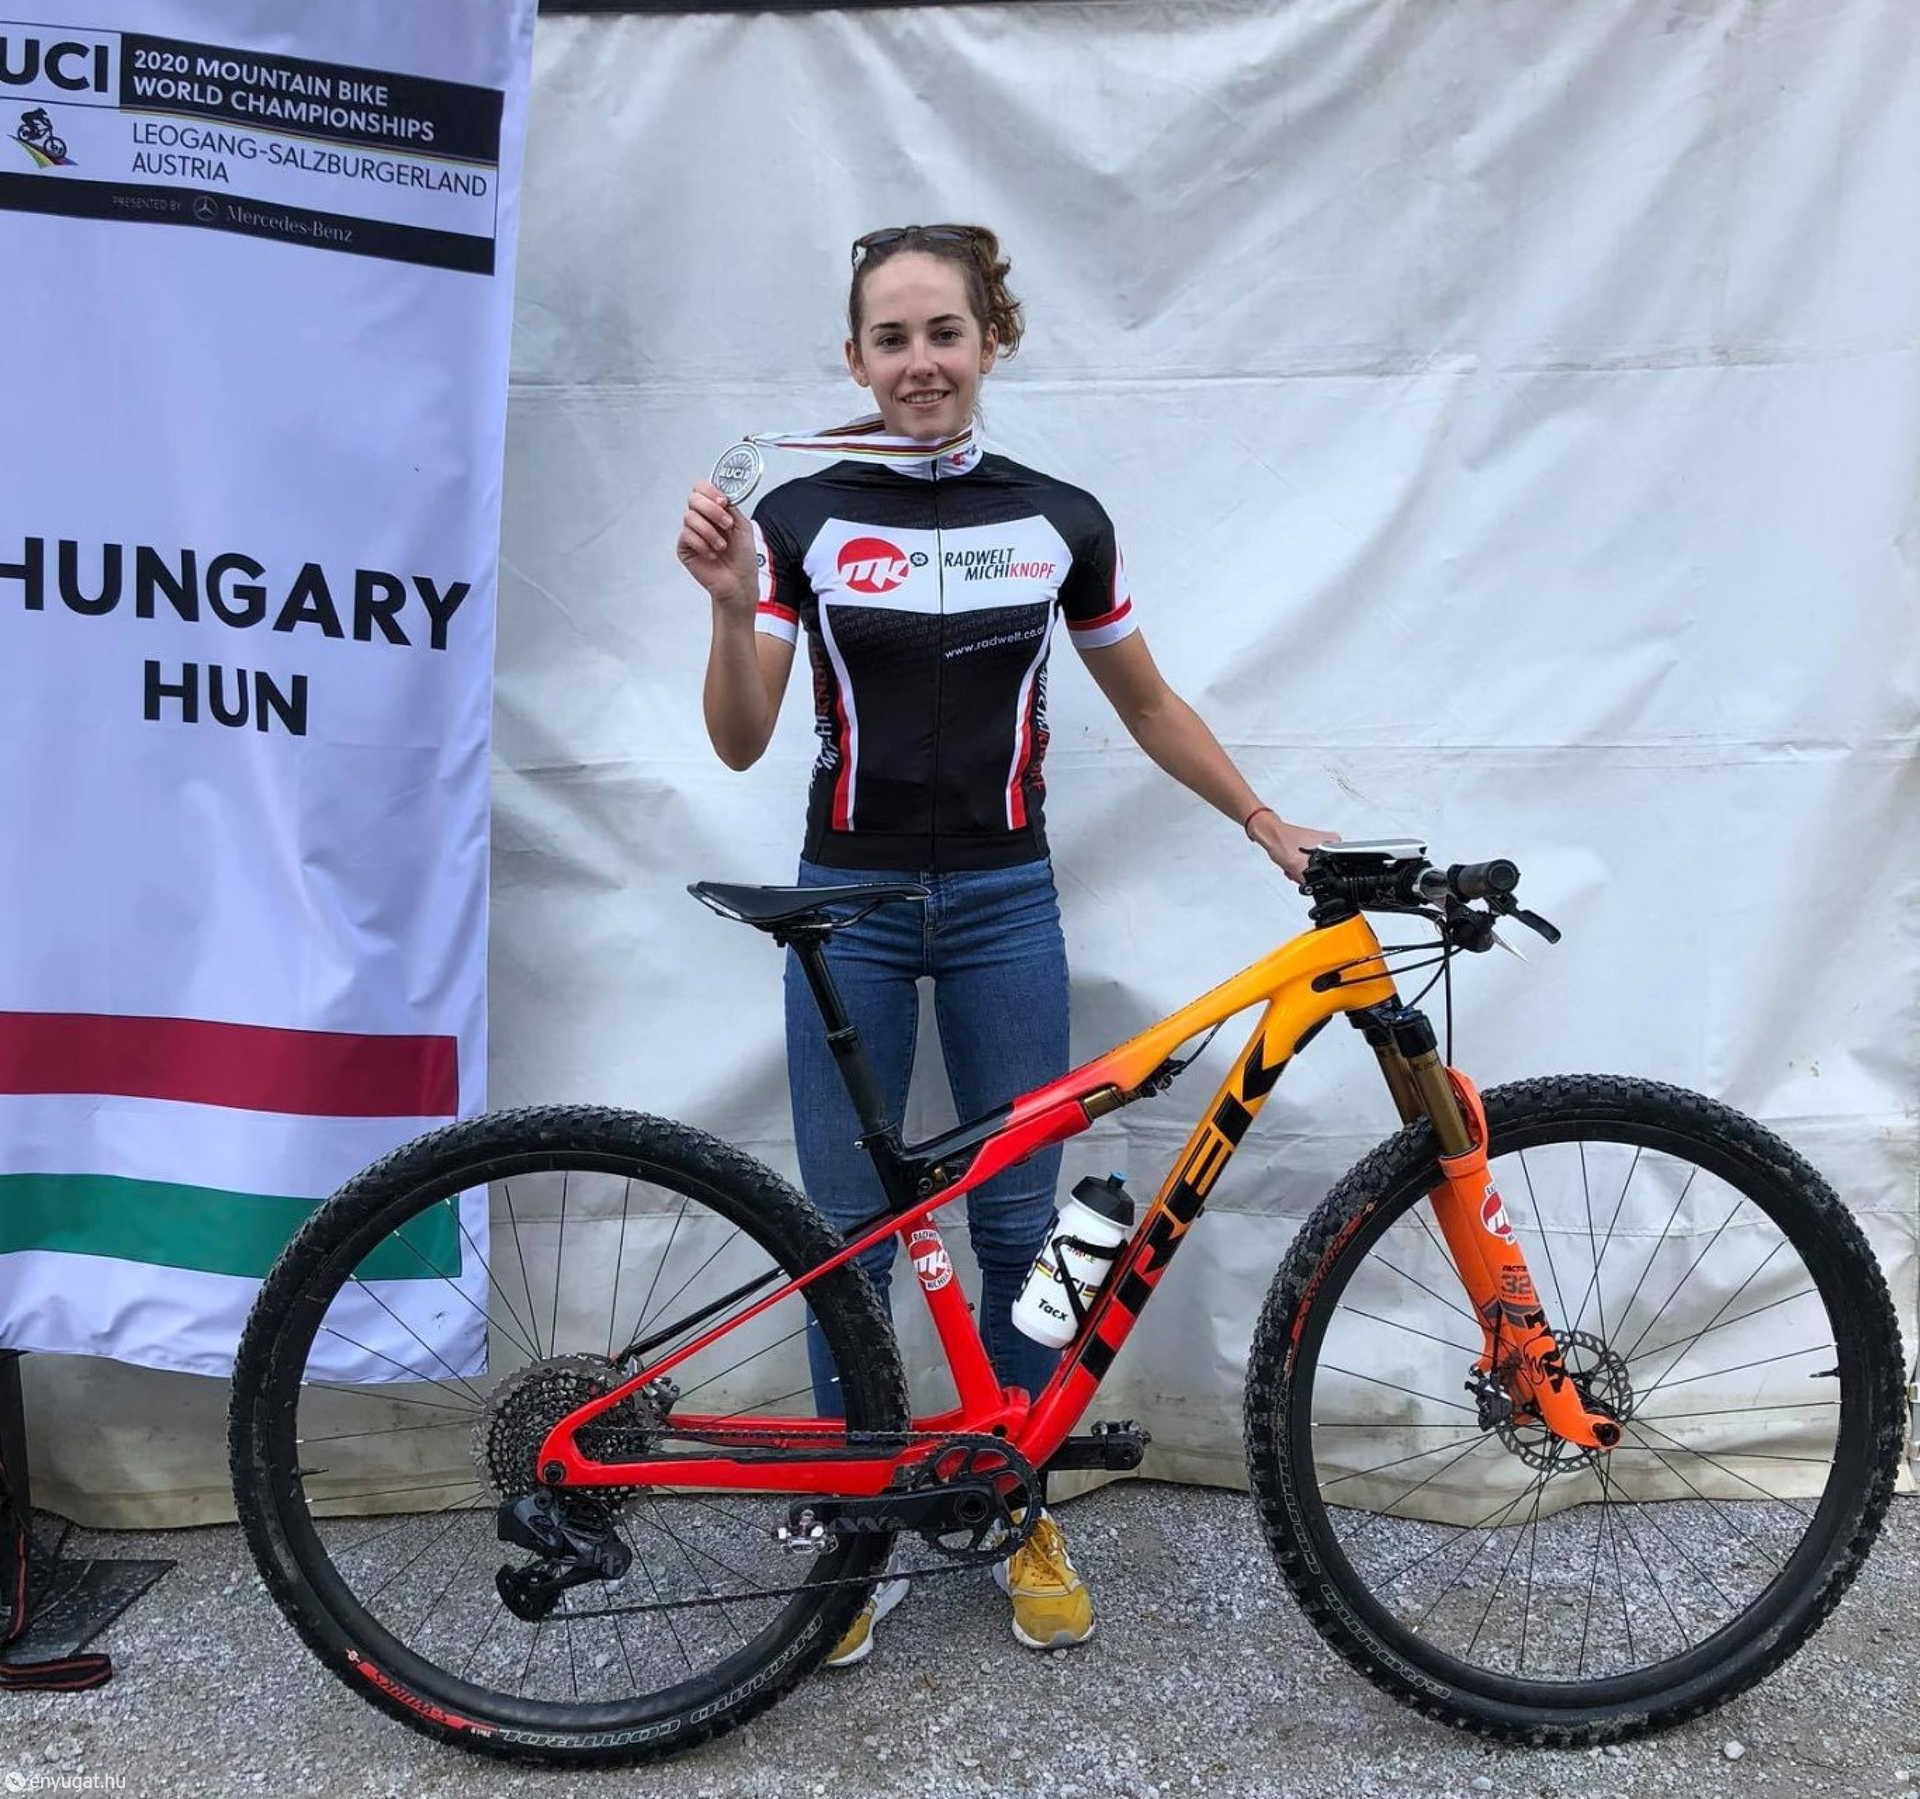 Vas Kata Blanka ezüstérmes a világbajnokságon!